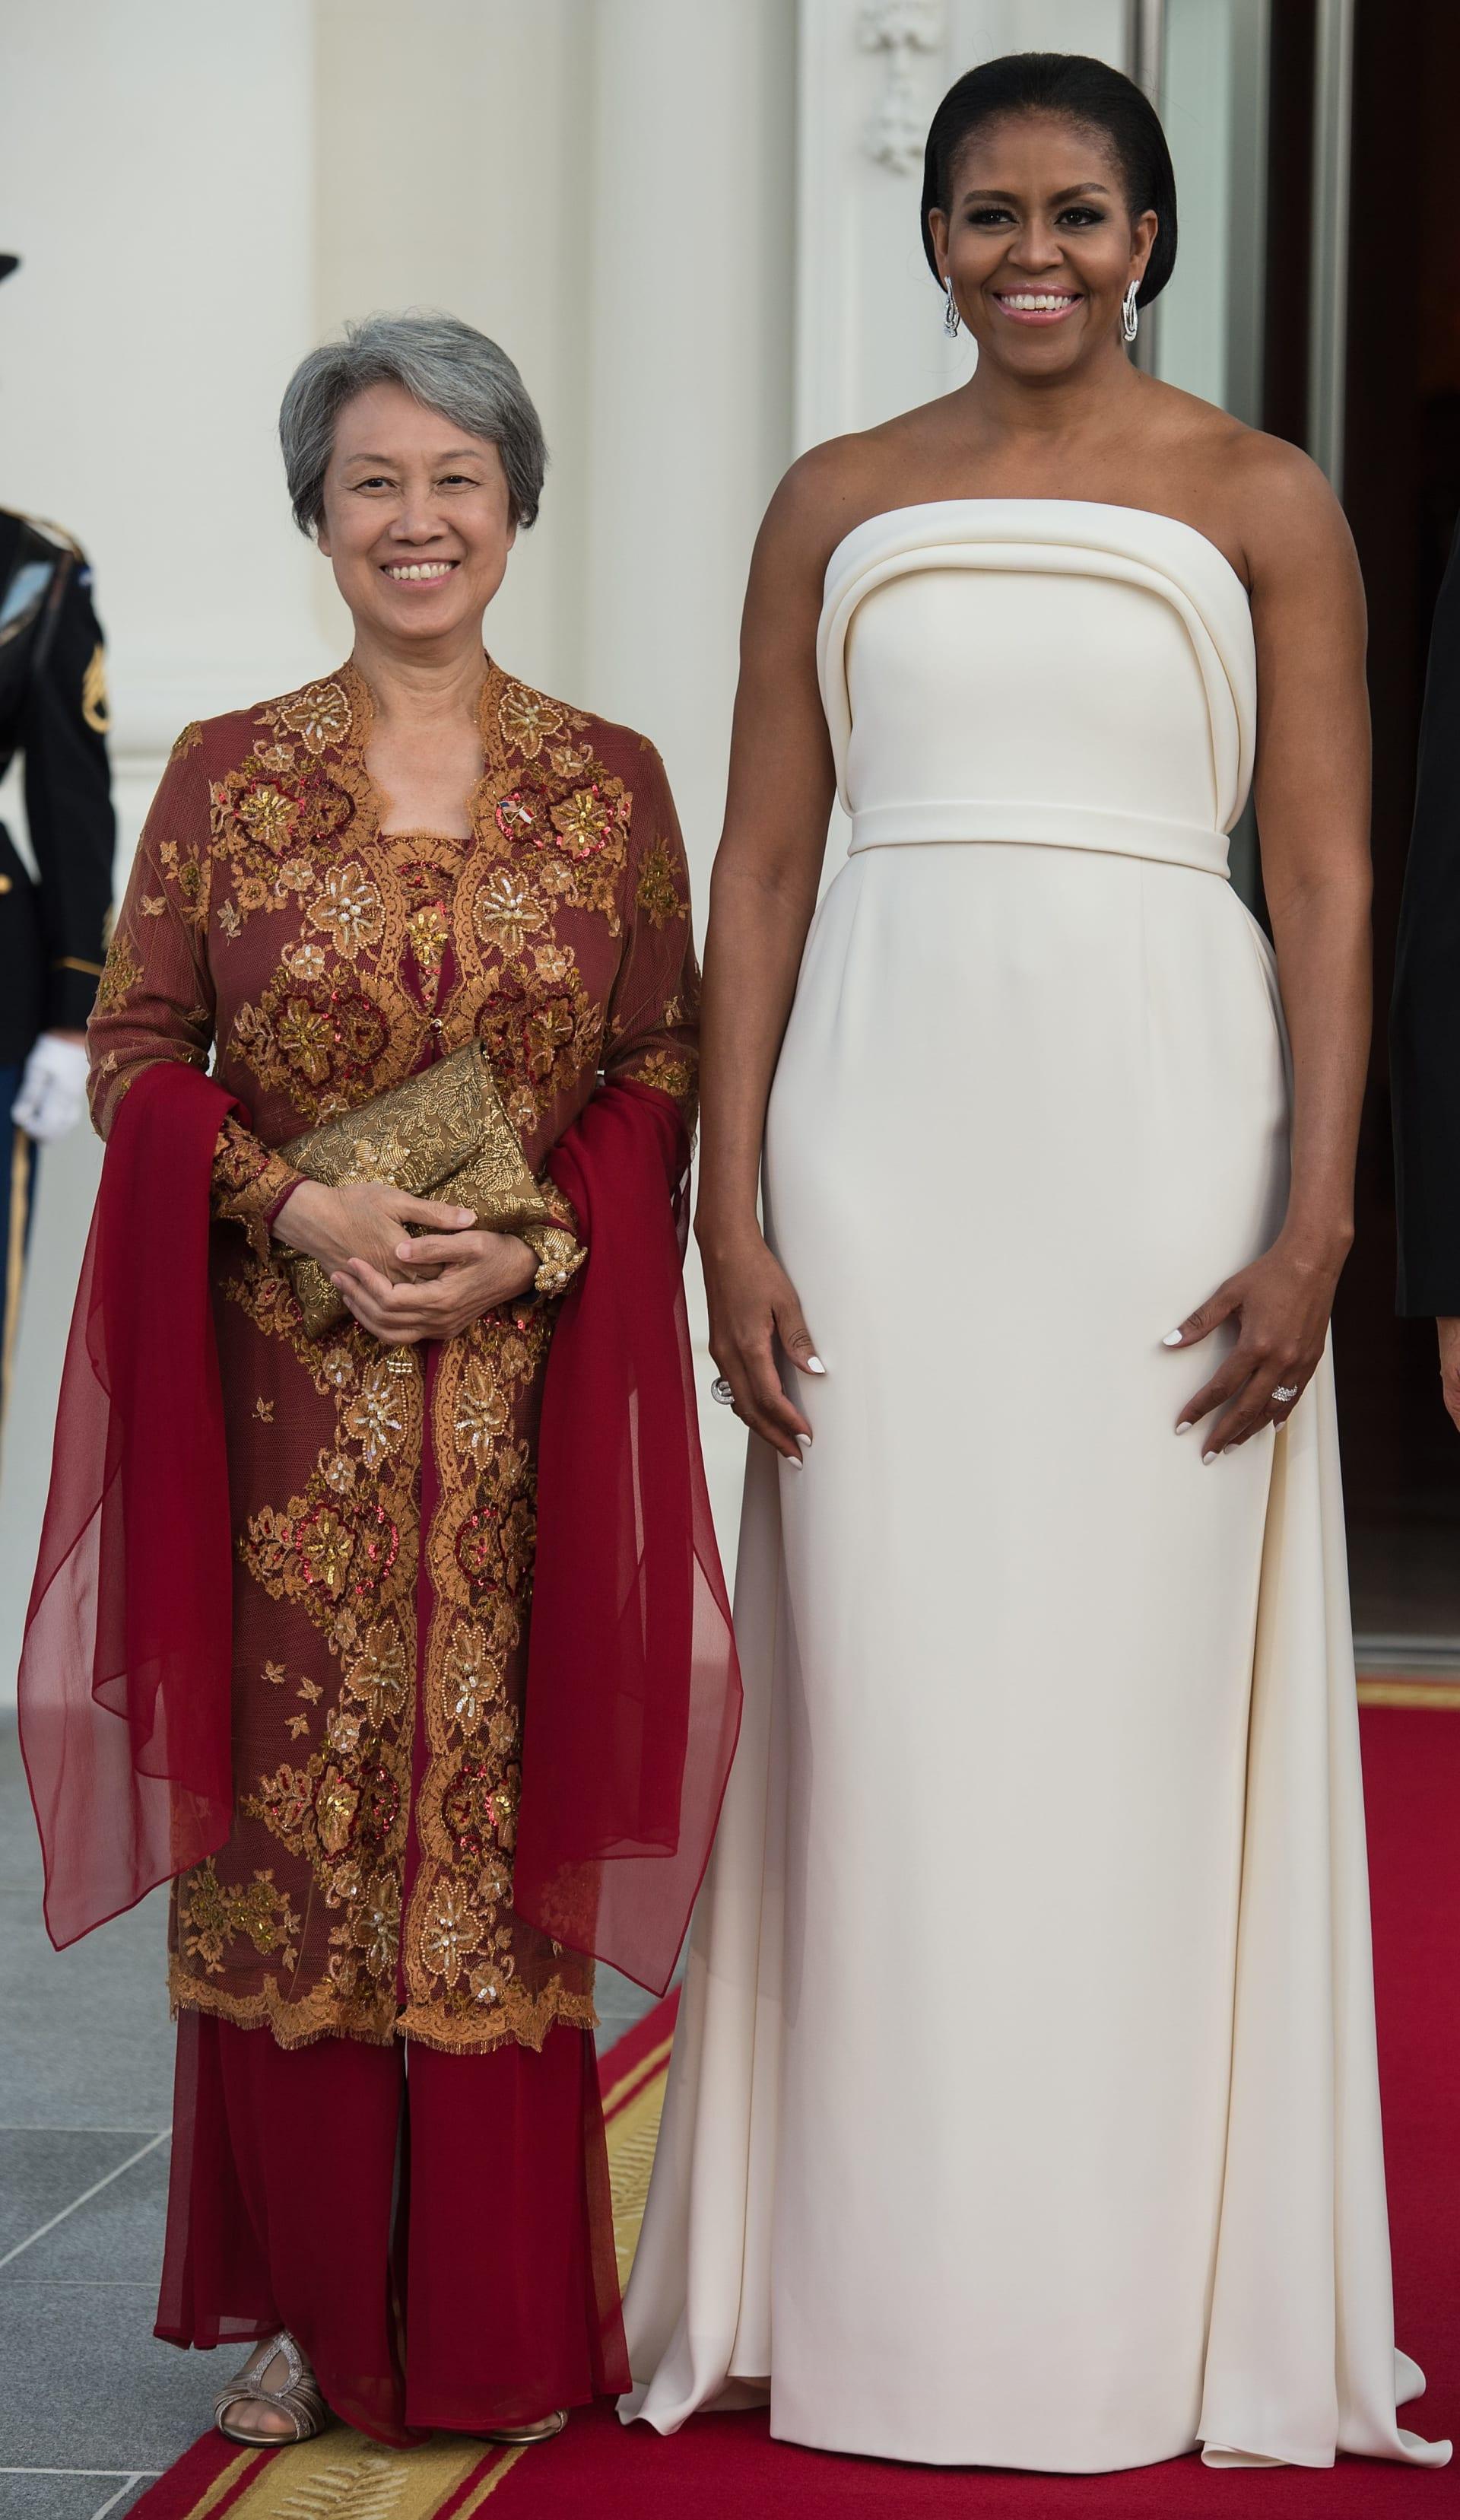 على مدار العام الماضي.. ما الذي تعكسه أزياء ميلانيا ترامب؟